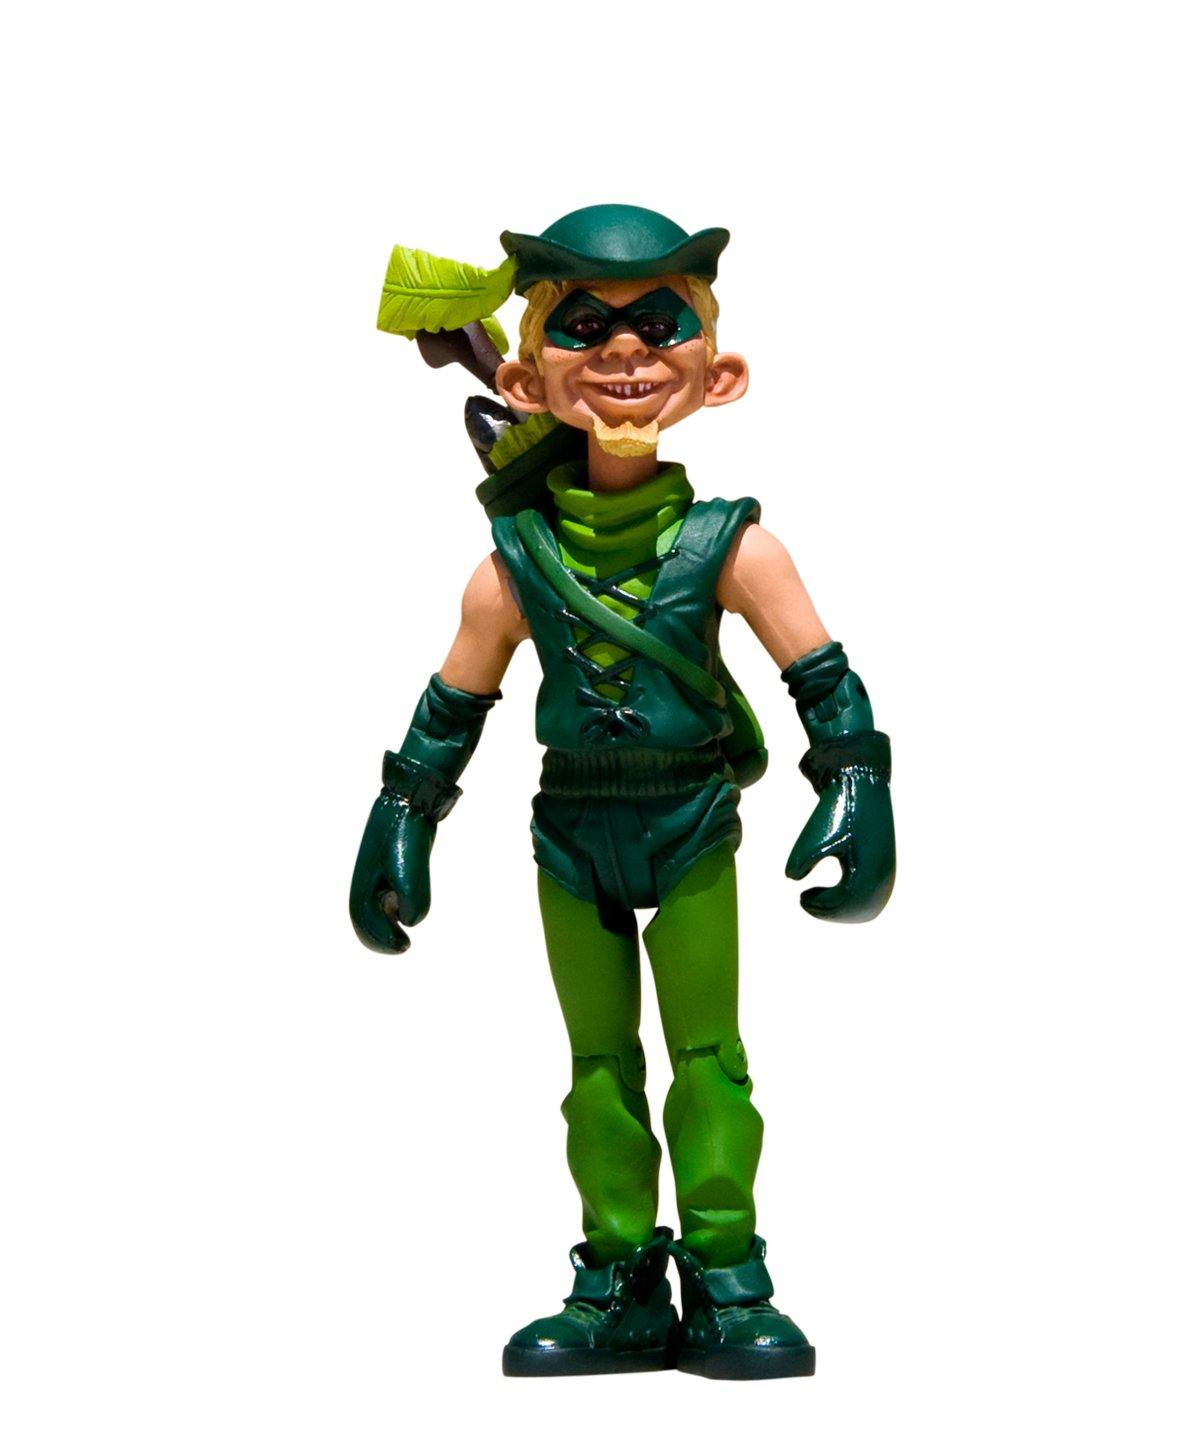 promociones emocionantes Mad Just Us Us Us League Heroes Stupid Green Arrow figura de acción  exclusivo